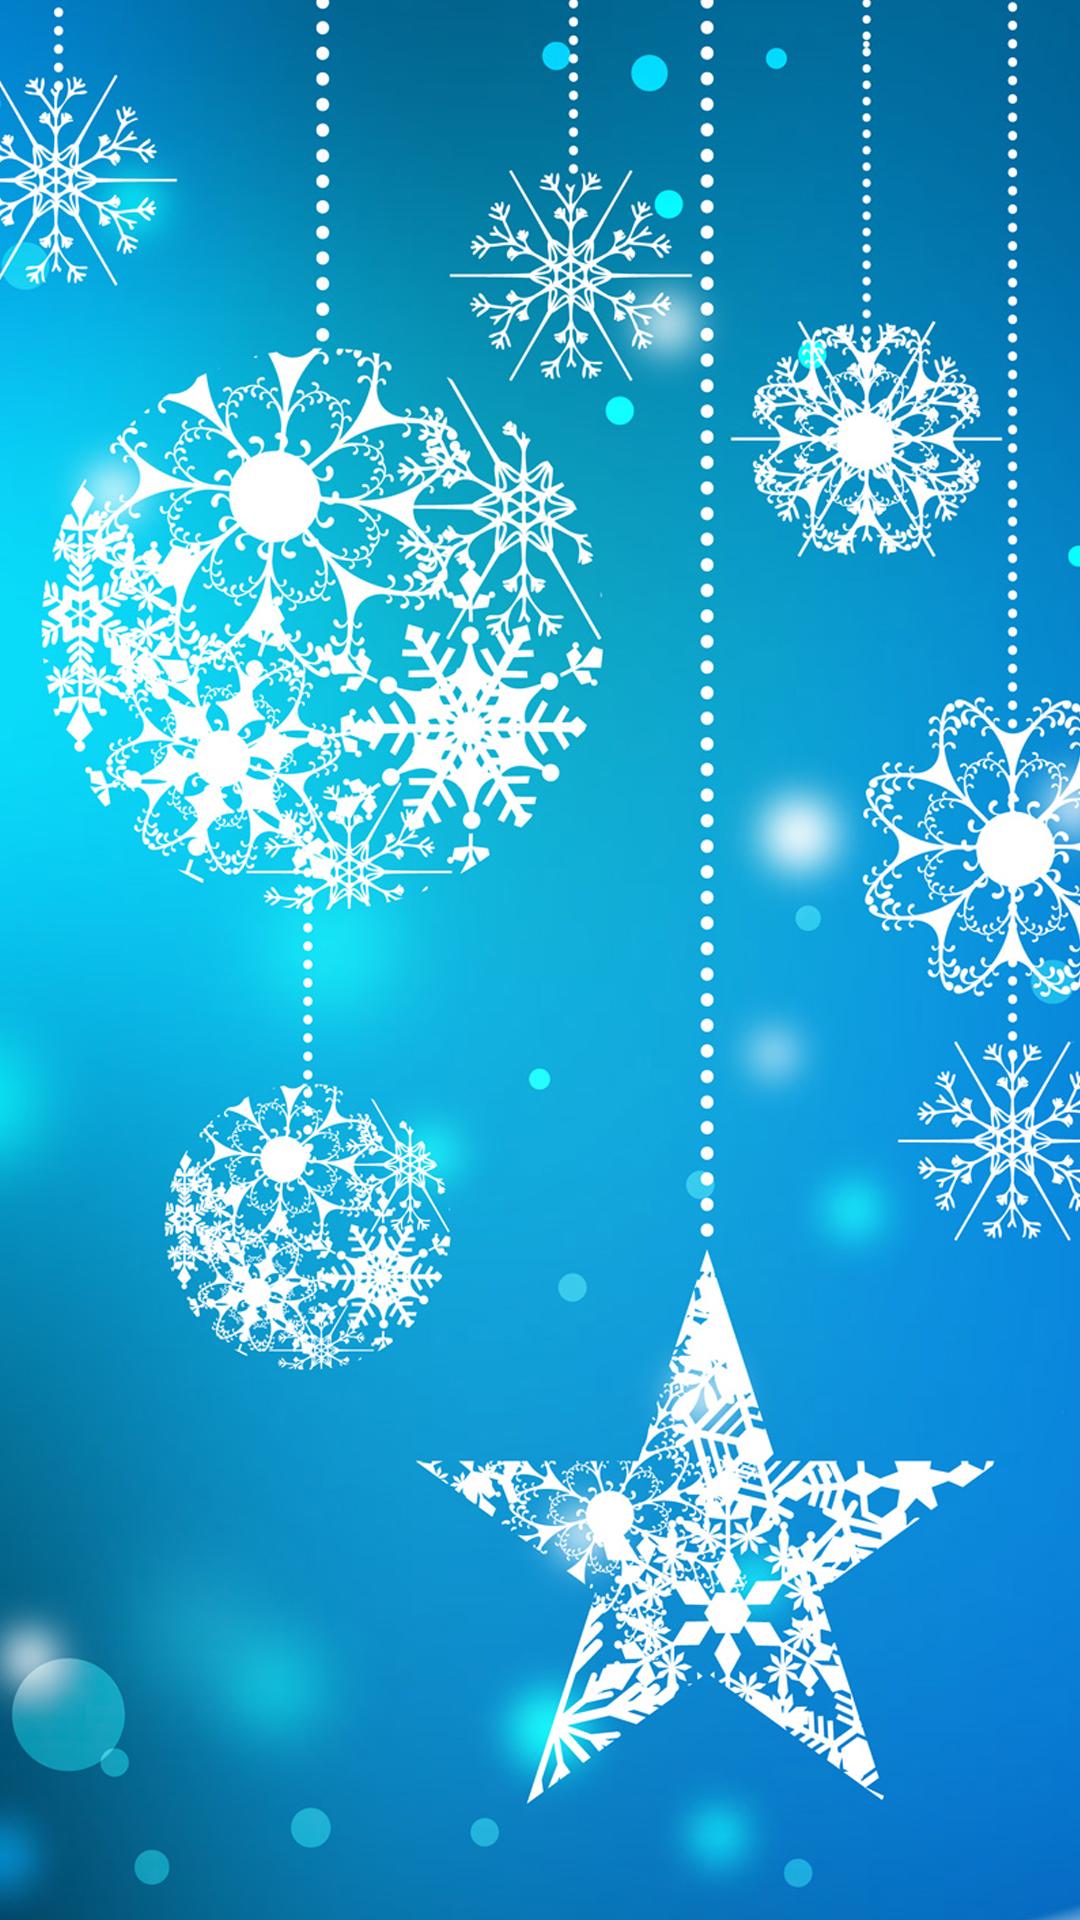 無料ダウンロード クリスマス 壁紙 Iphone Hdの壁紙画像